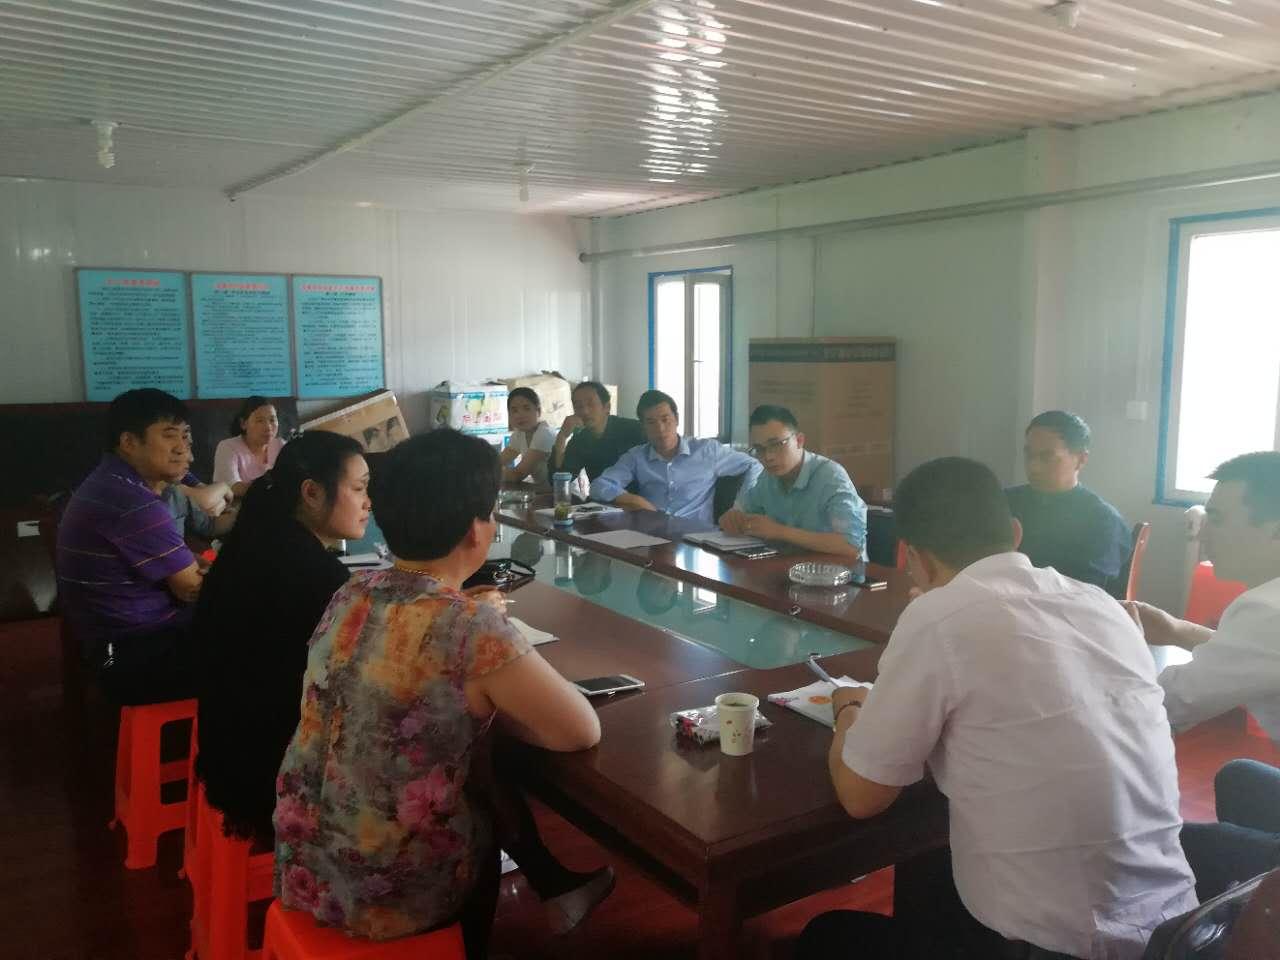 2017年6月30日公司管理层接受培训|明飞动态-青海明飞投资发展有限公司